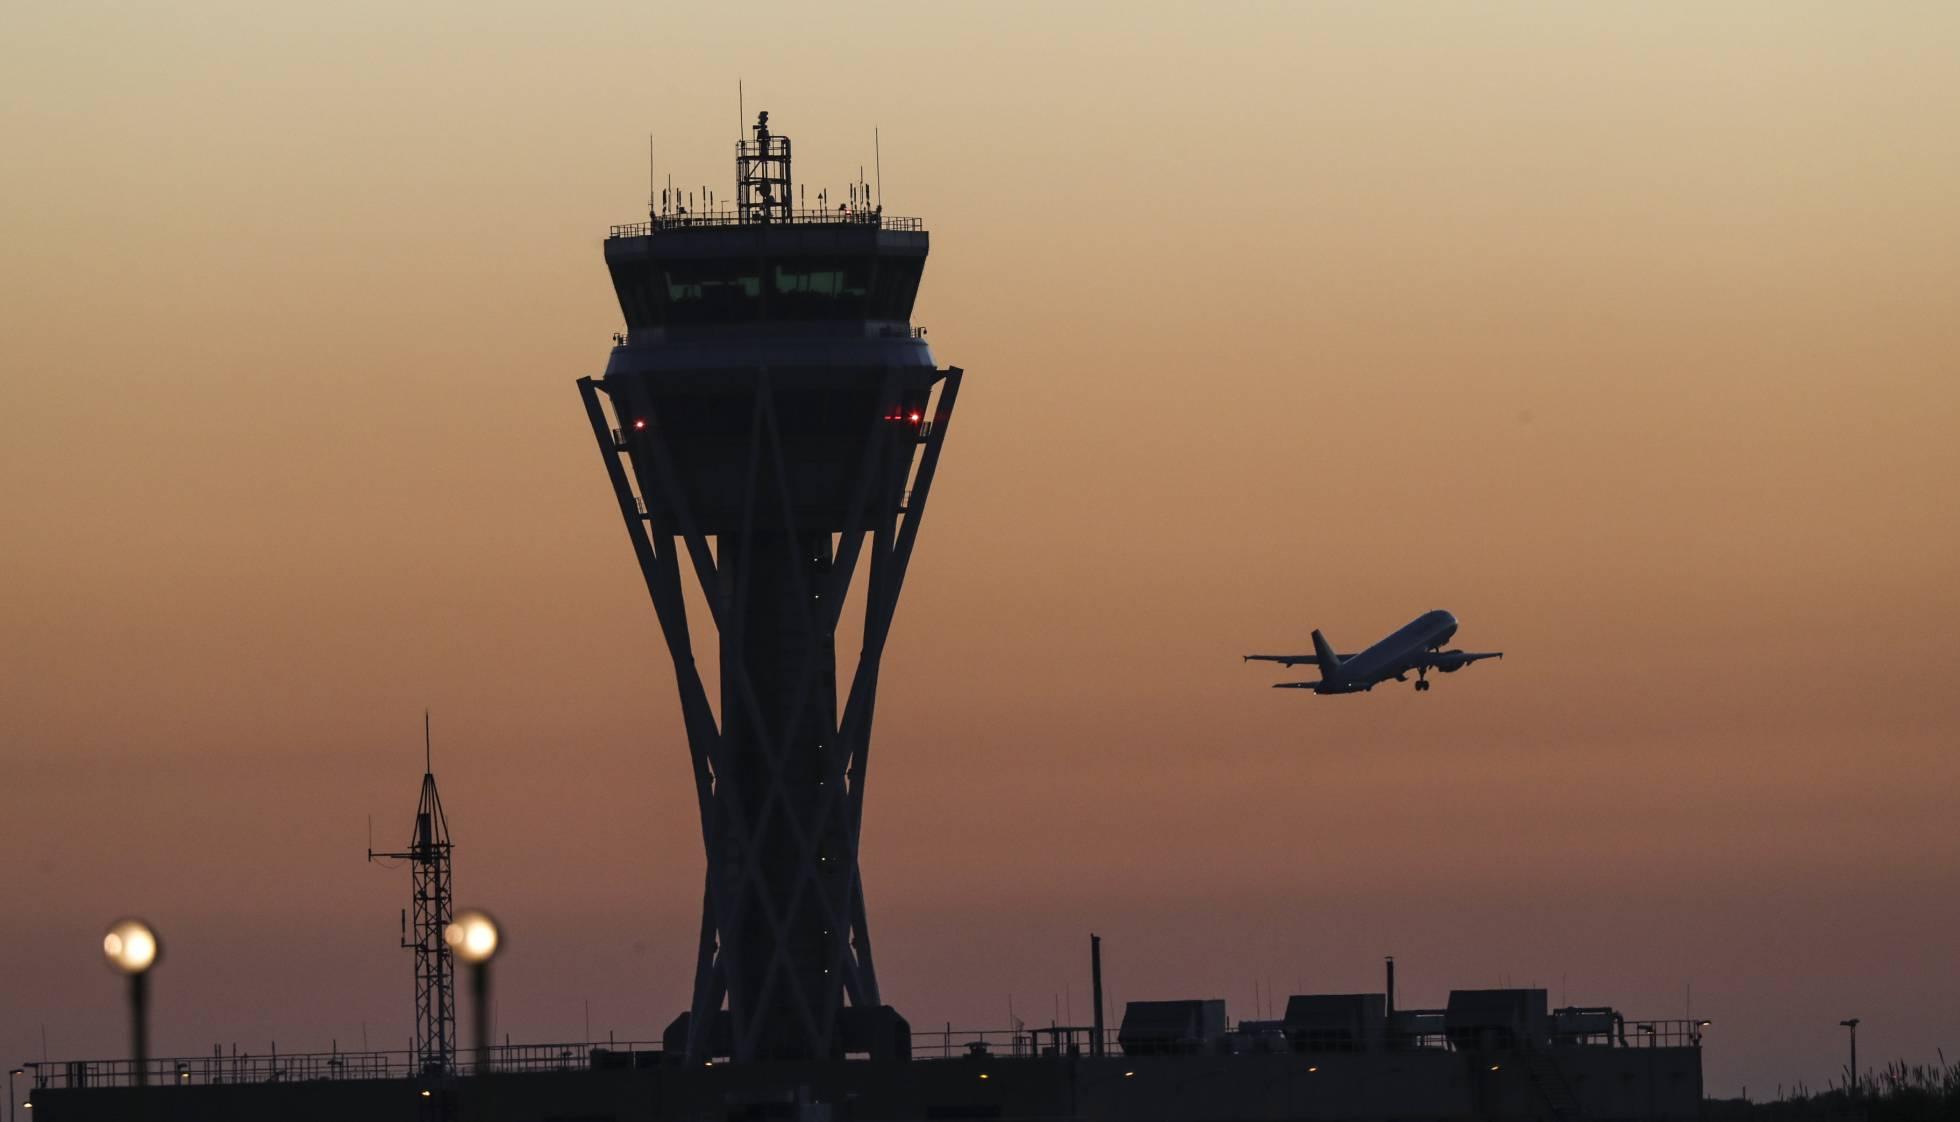 El crecimiento del aeropuerto de El Prat choca con sus limitaciones